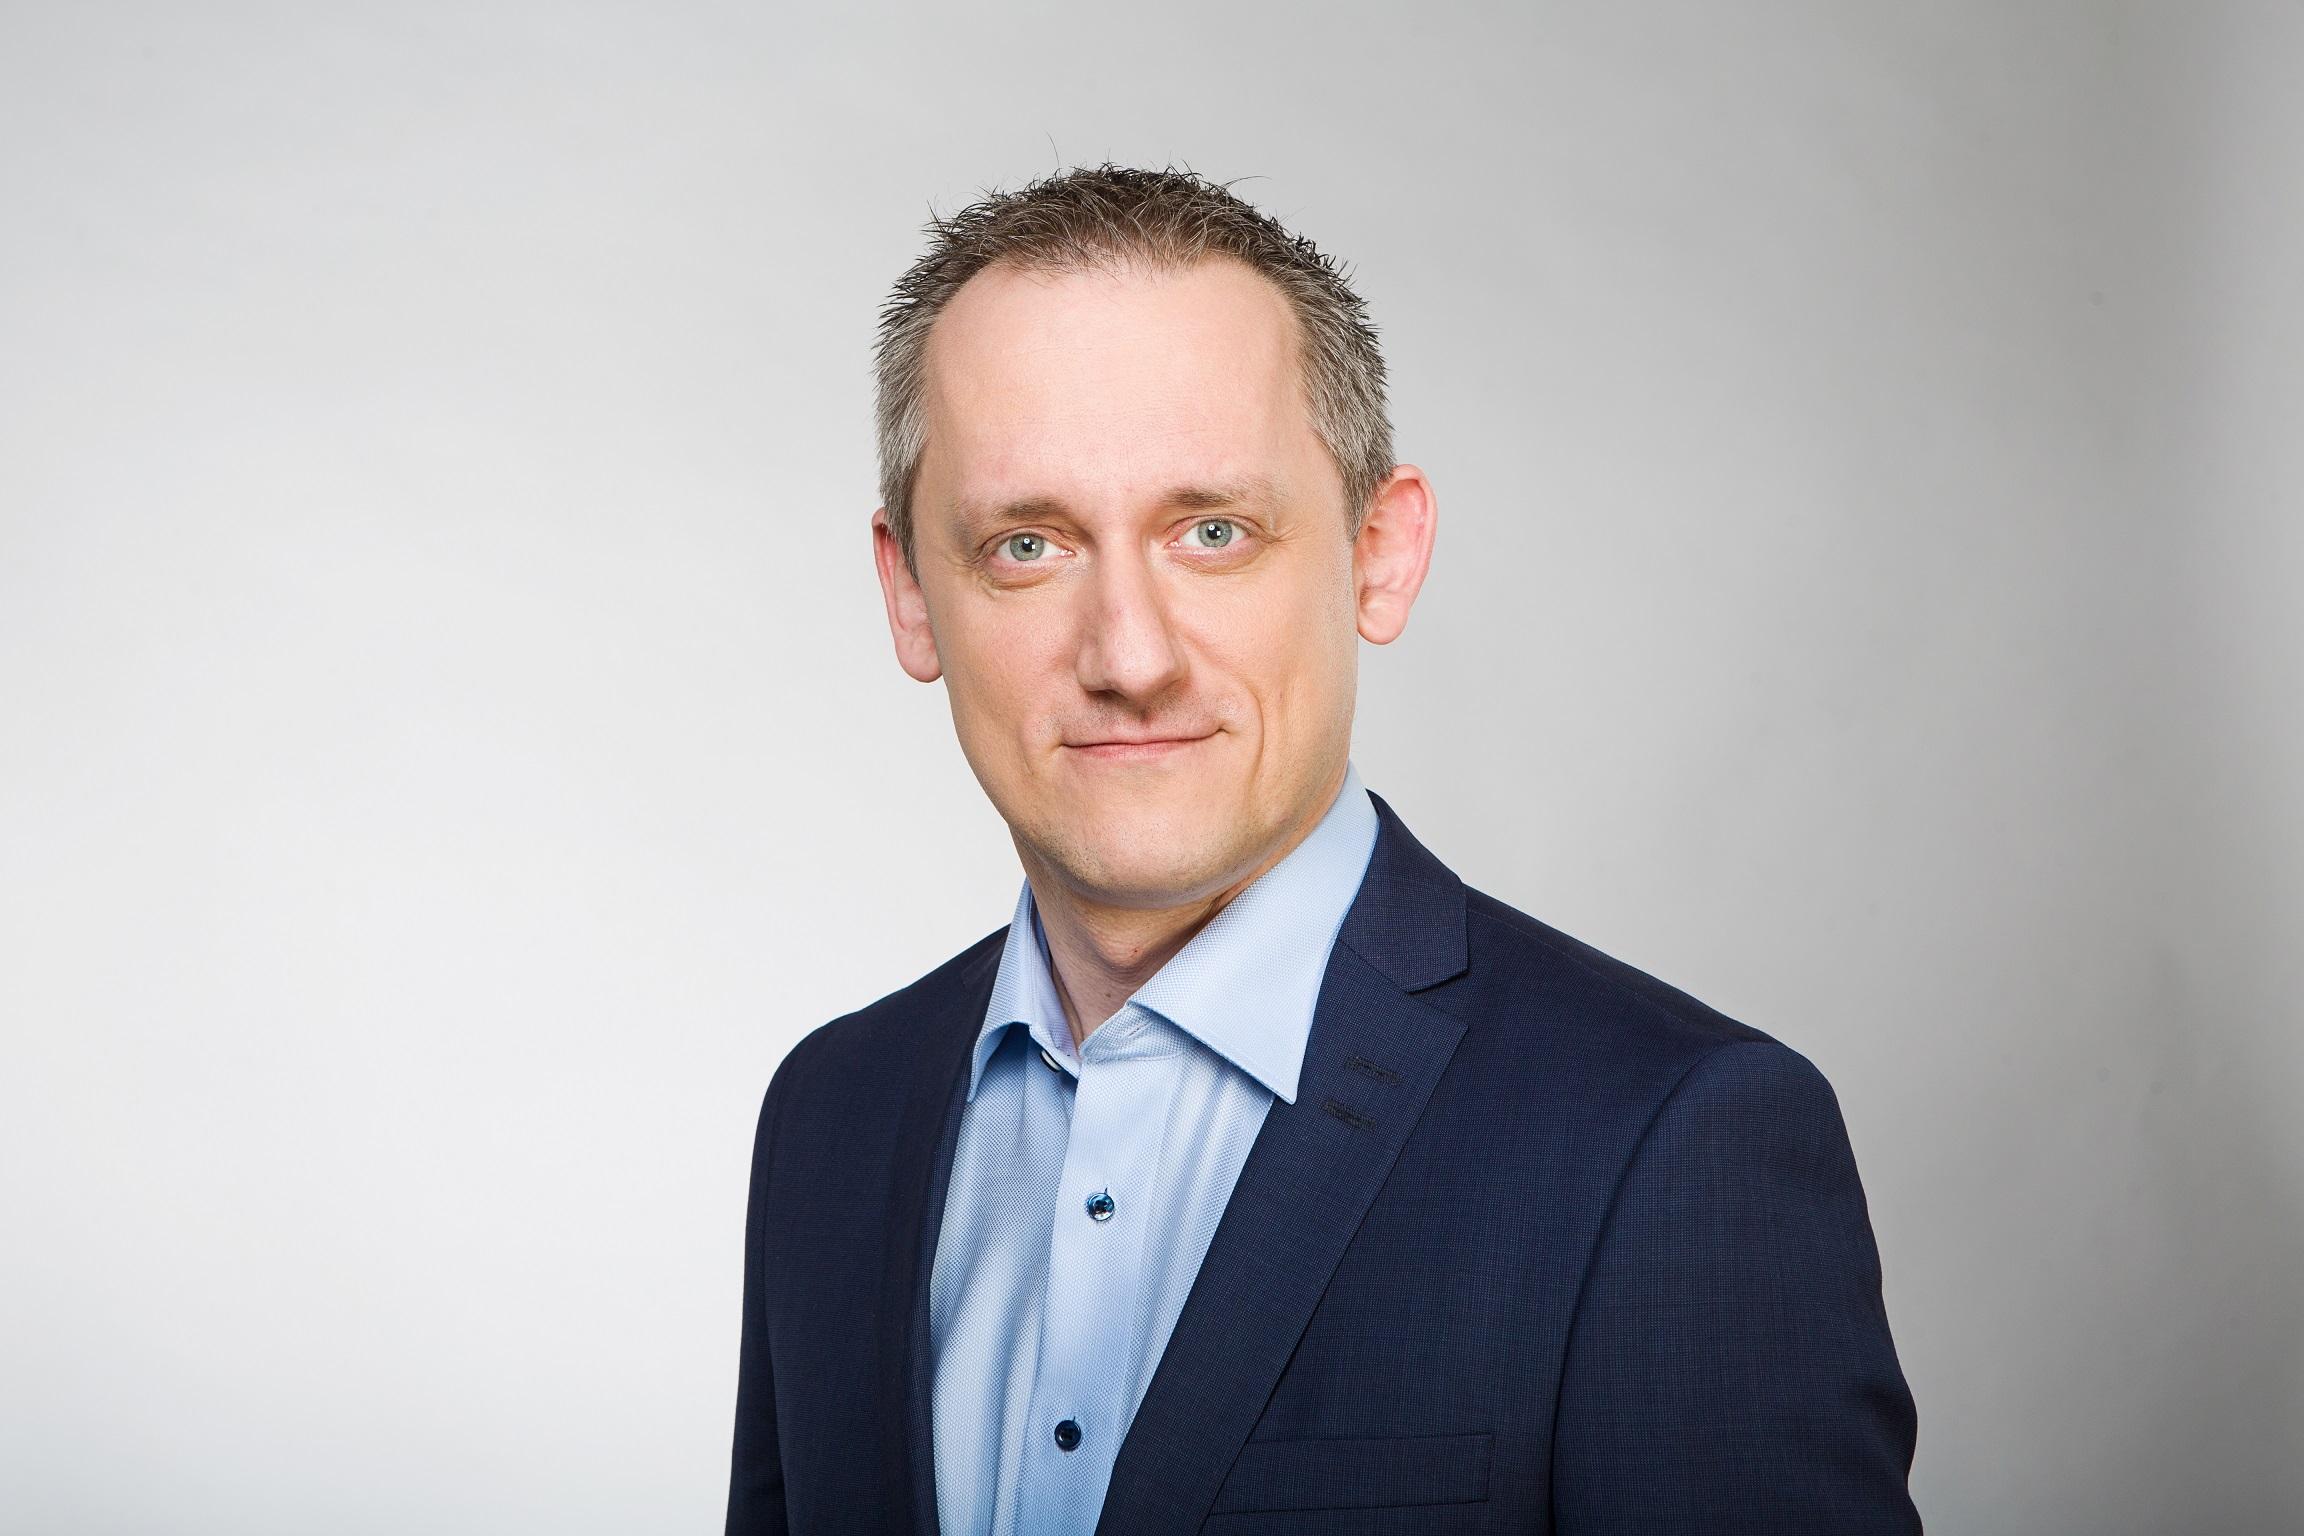 Novou tváří Událostí ČT bude Michal Kubal